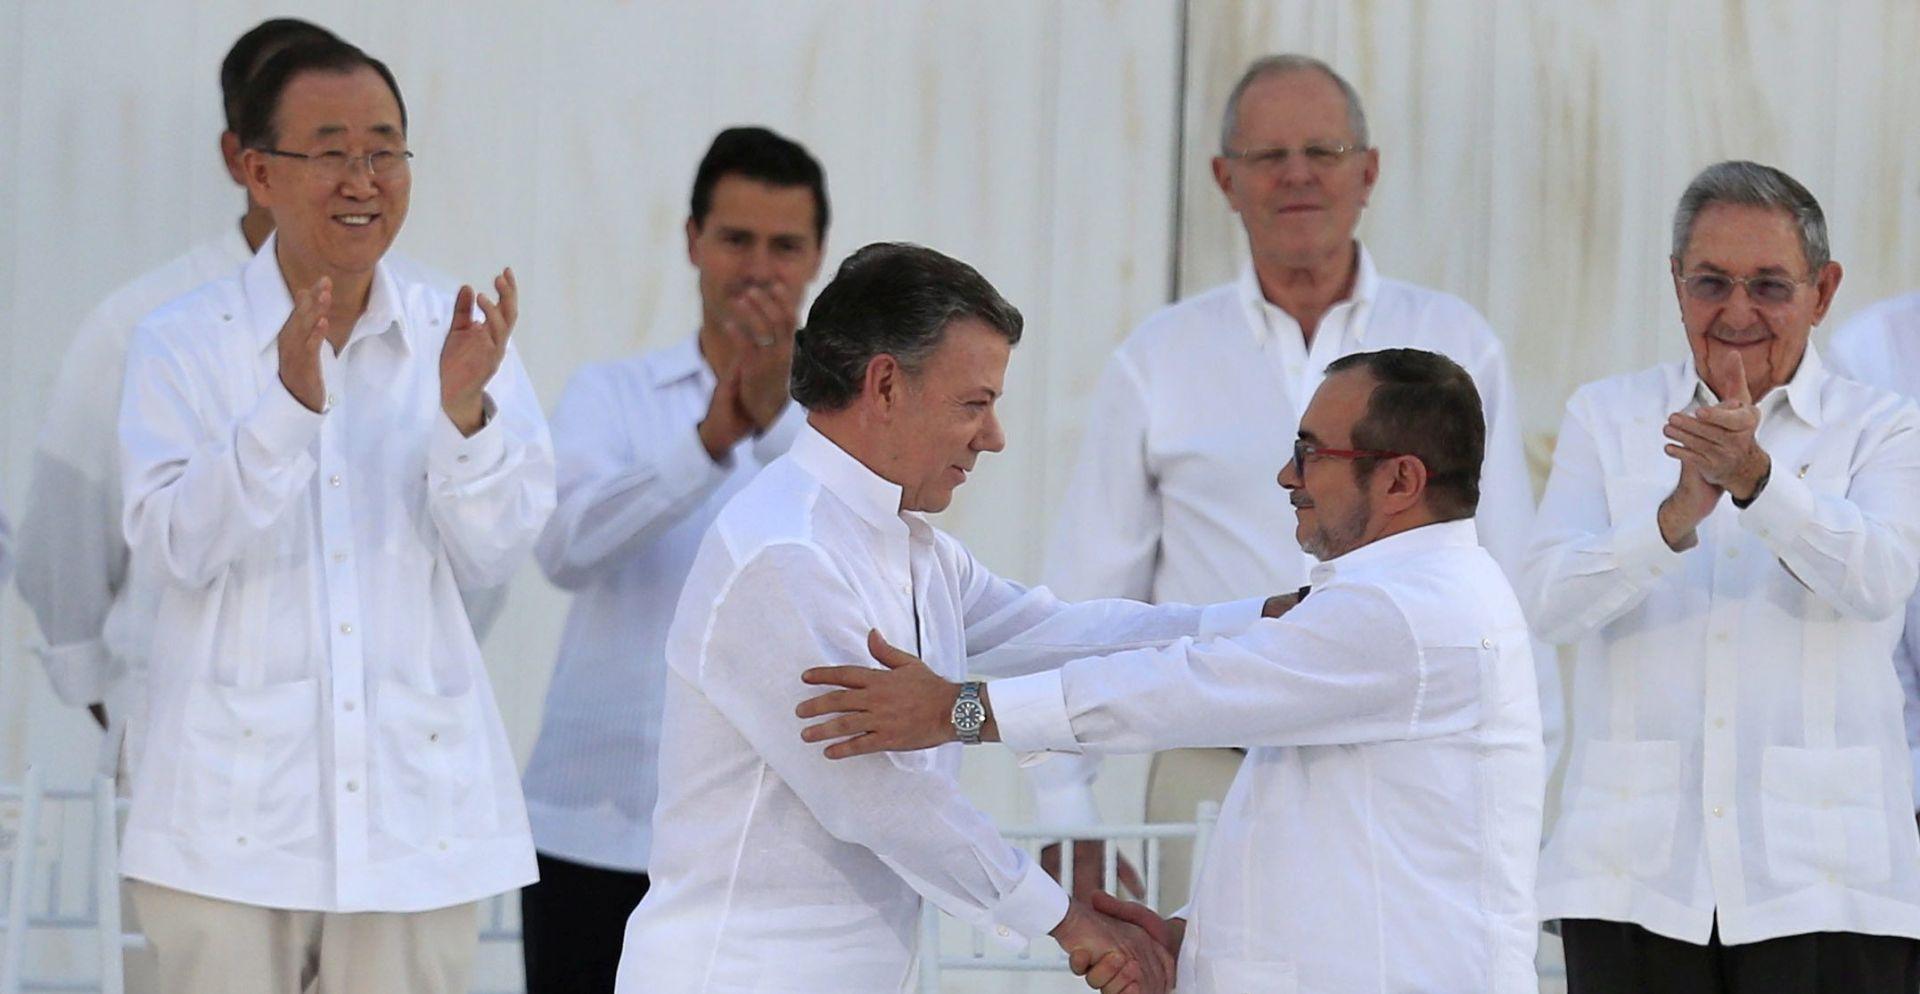 Potpisan povijesni mirovni sporazum u Kolumbiji